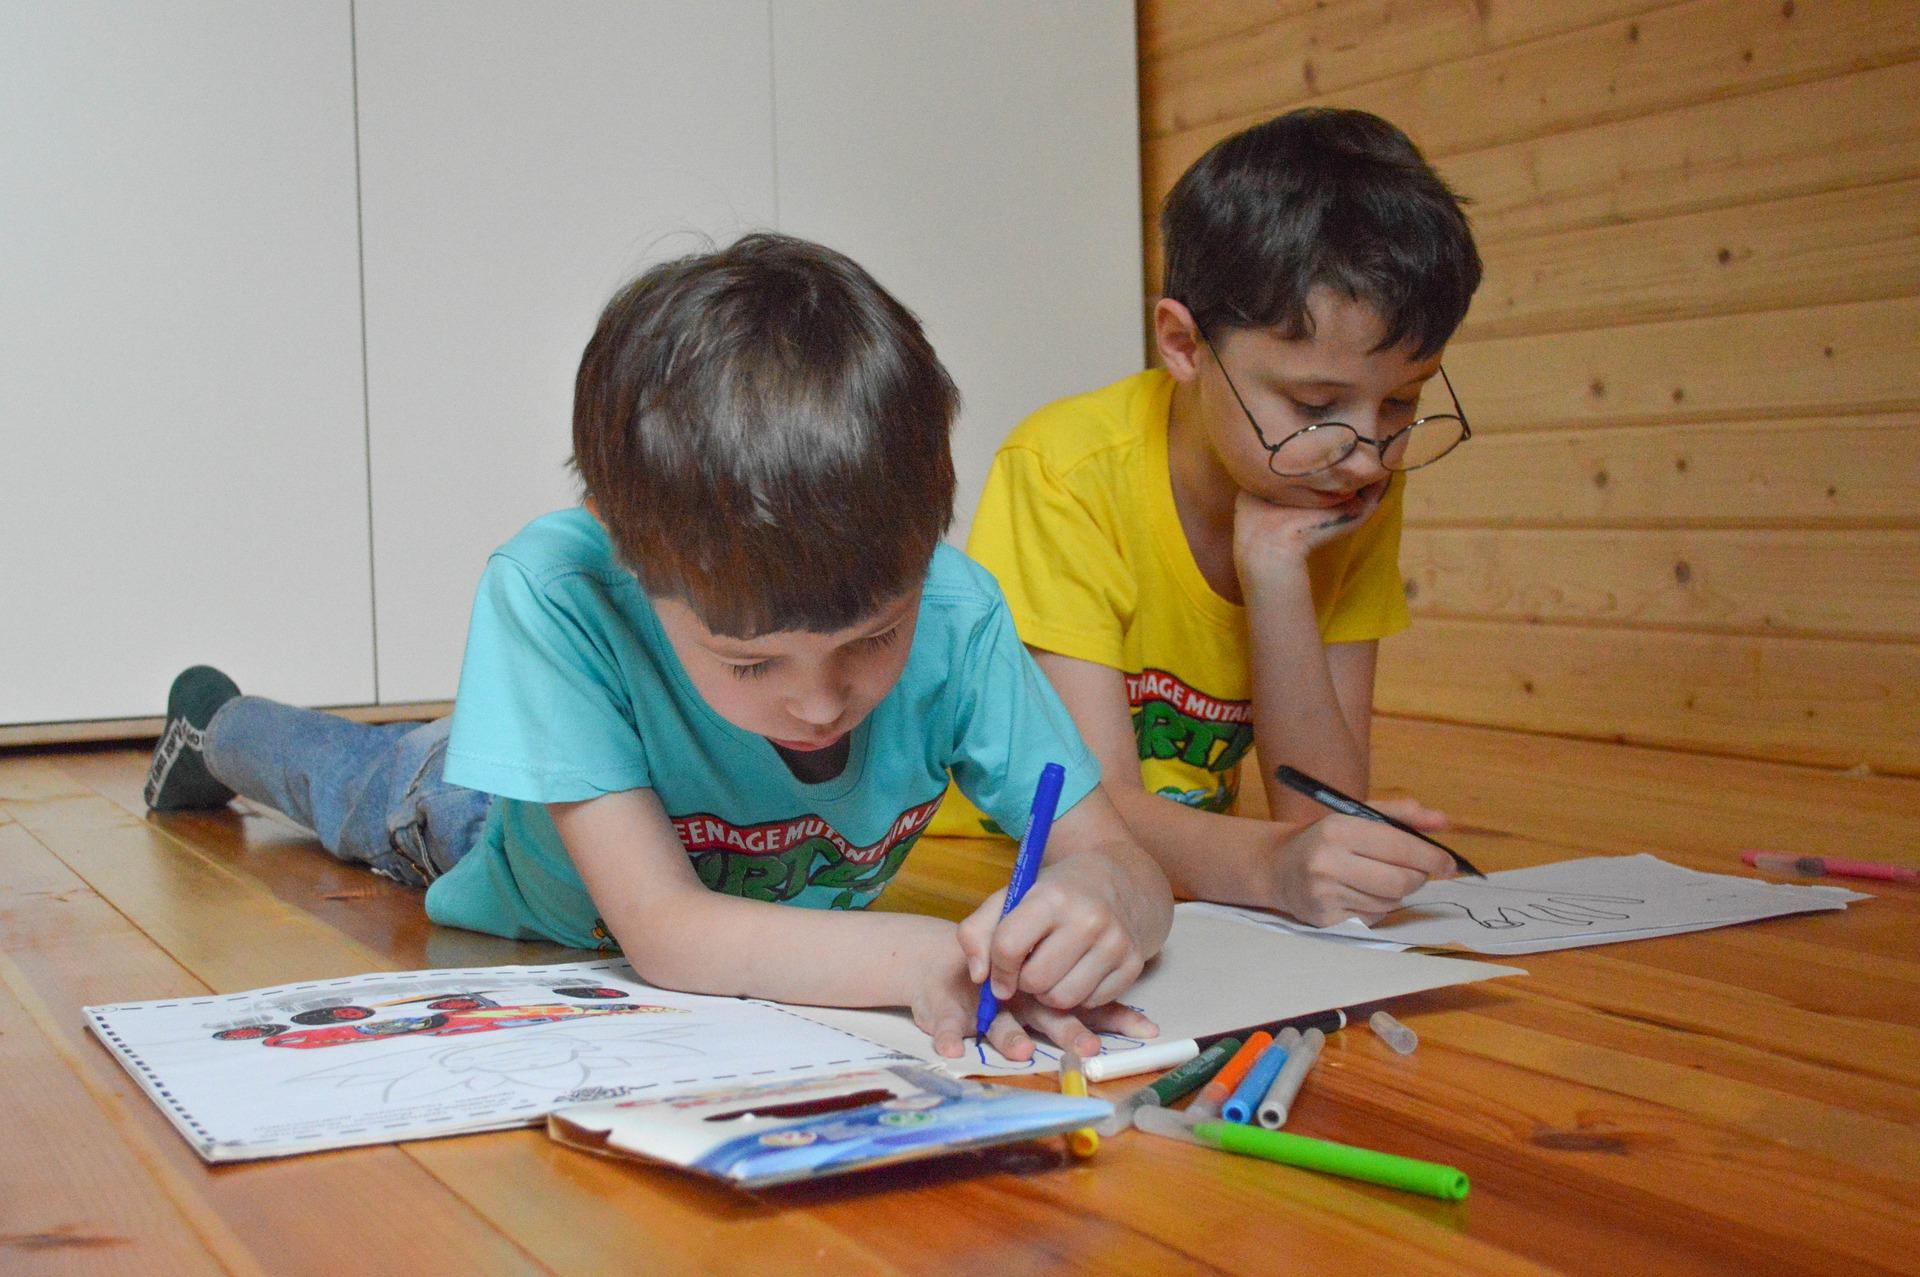 Как обеспечить безопасность ребенка в доме